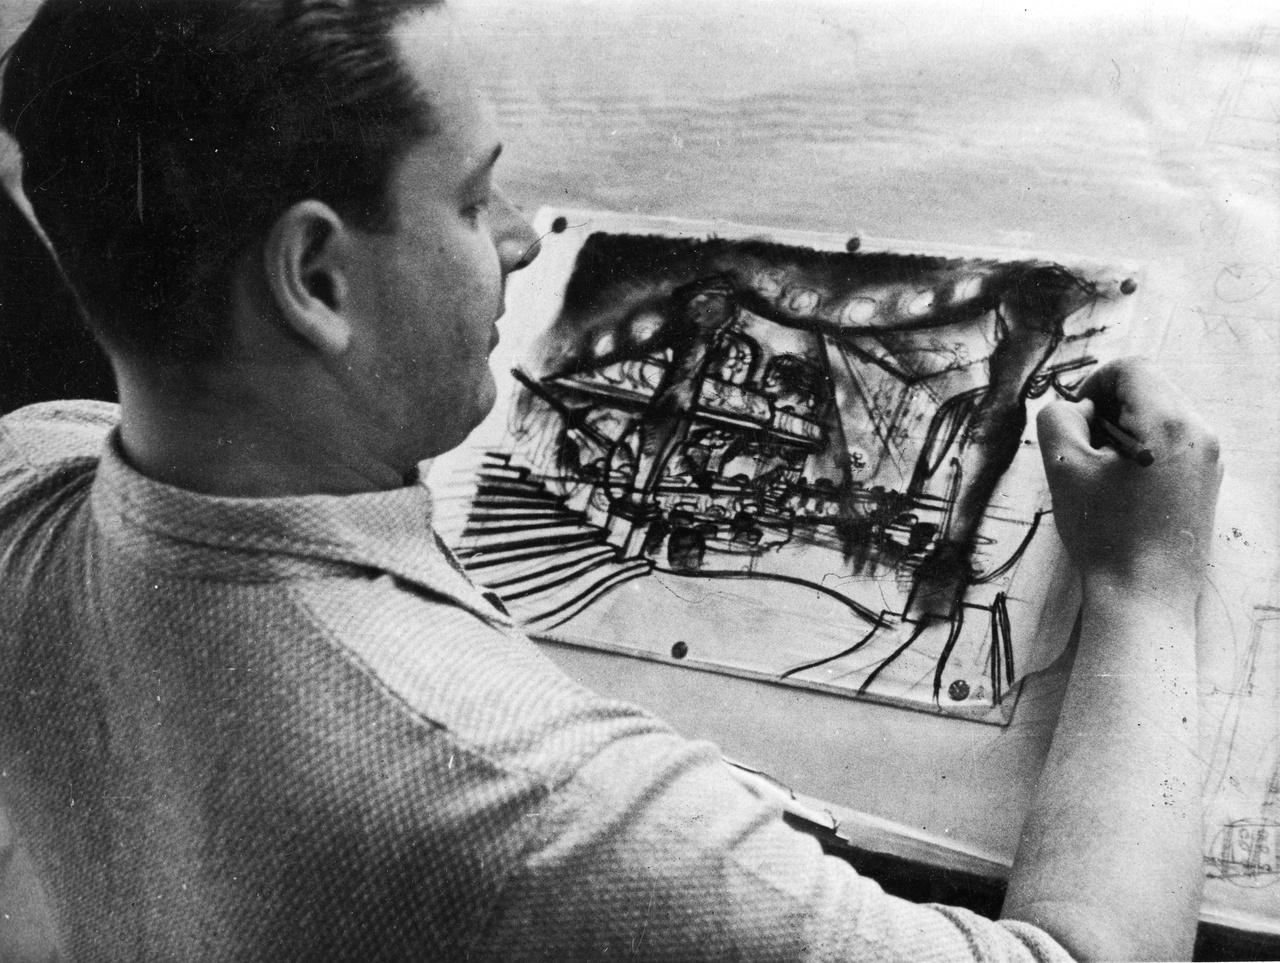 Vincze Márton a magyar filmgyártás egyik első hősi halottja. Tehetséges díszlettervezőként szinte állandóan jelen volt a magyar filmek születésénél. Nála jobban senki sem ismerte a filmgyár műtermeinek kapacitásait. Az ő rajztábláján születtek meg a harmincas évek legszebb bauhaus filmdíszletei. Halálát  filmgyári baleset okozta: 1941 januárjában rázuhant egy súlyos gerenda a saját maga tervezte díszlethídról.